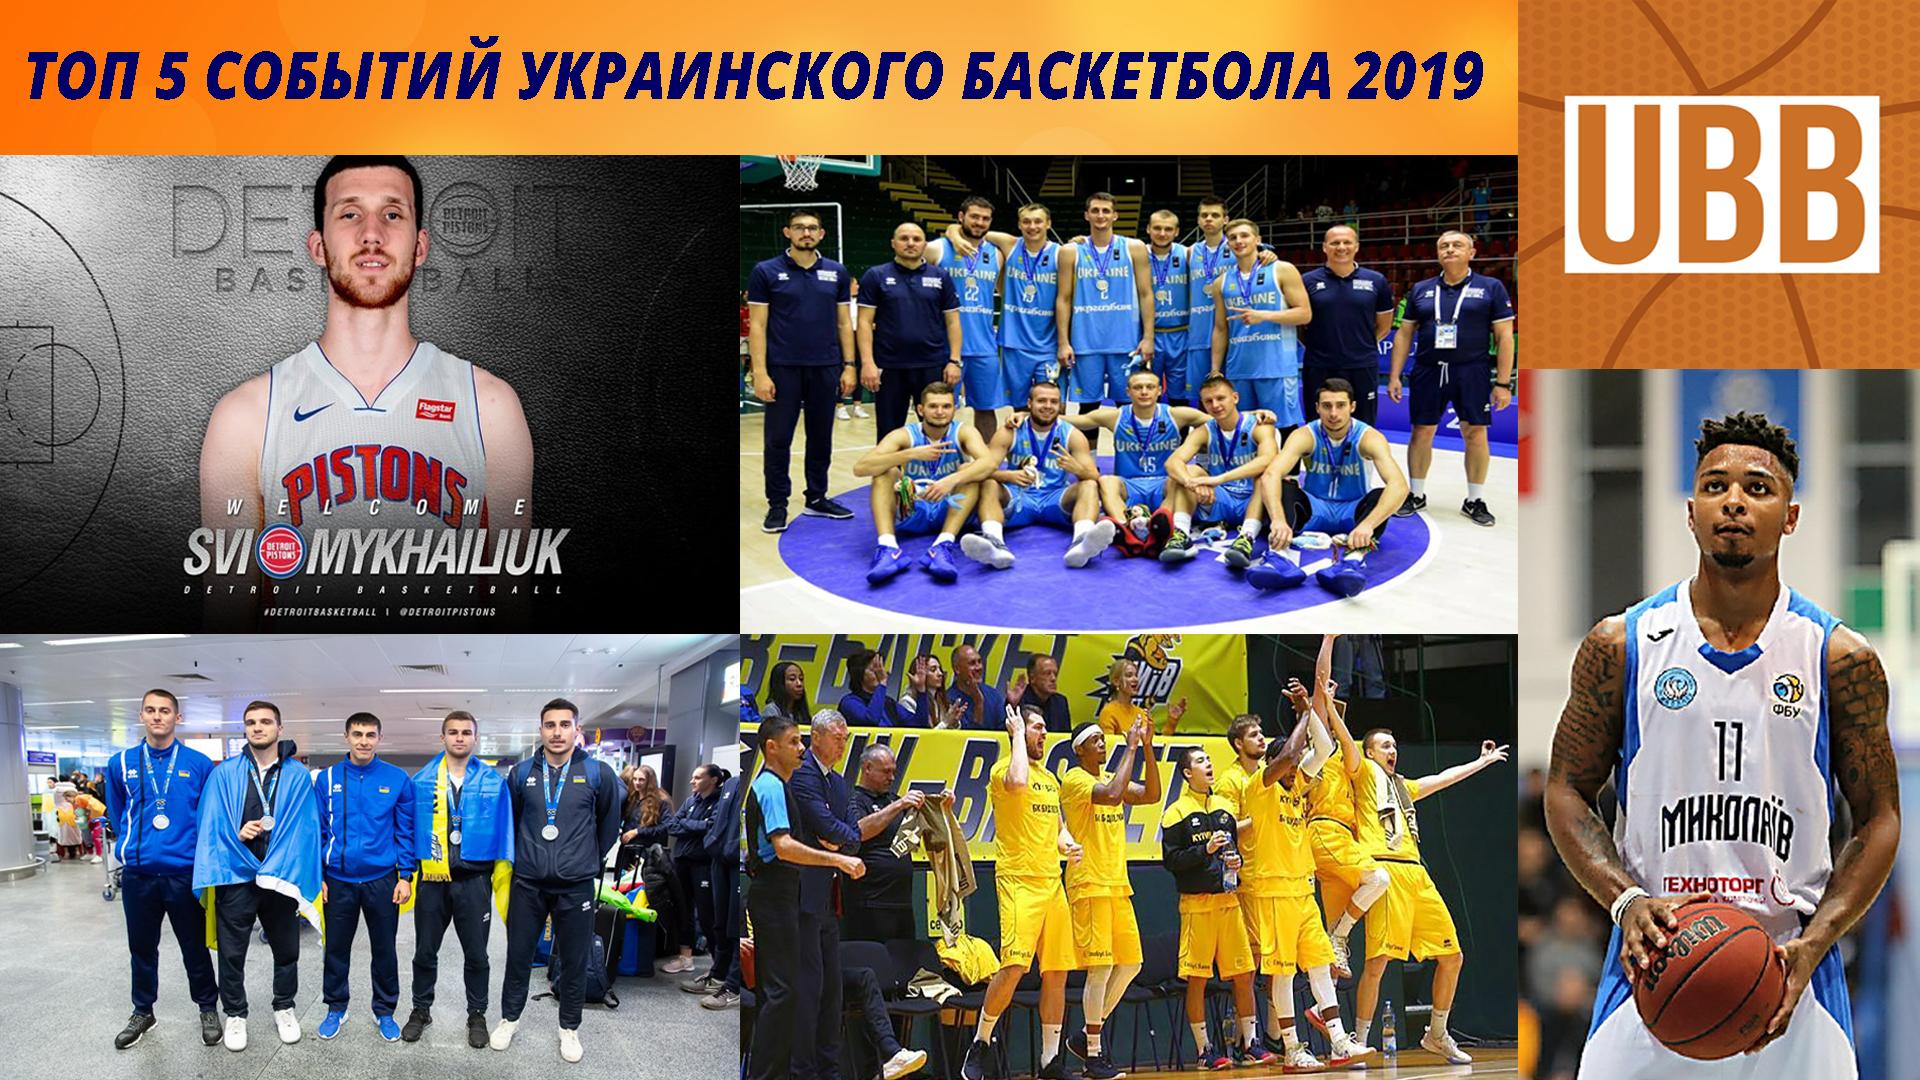 Киев-Баскет, Суперлига Украины, Святослав Михайлюк, Детройт